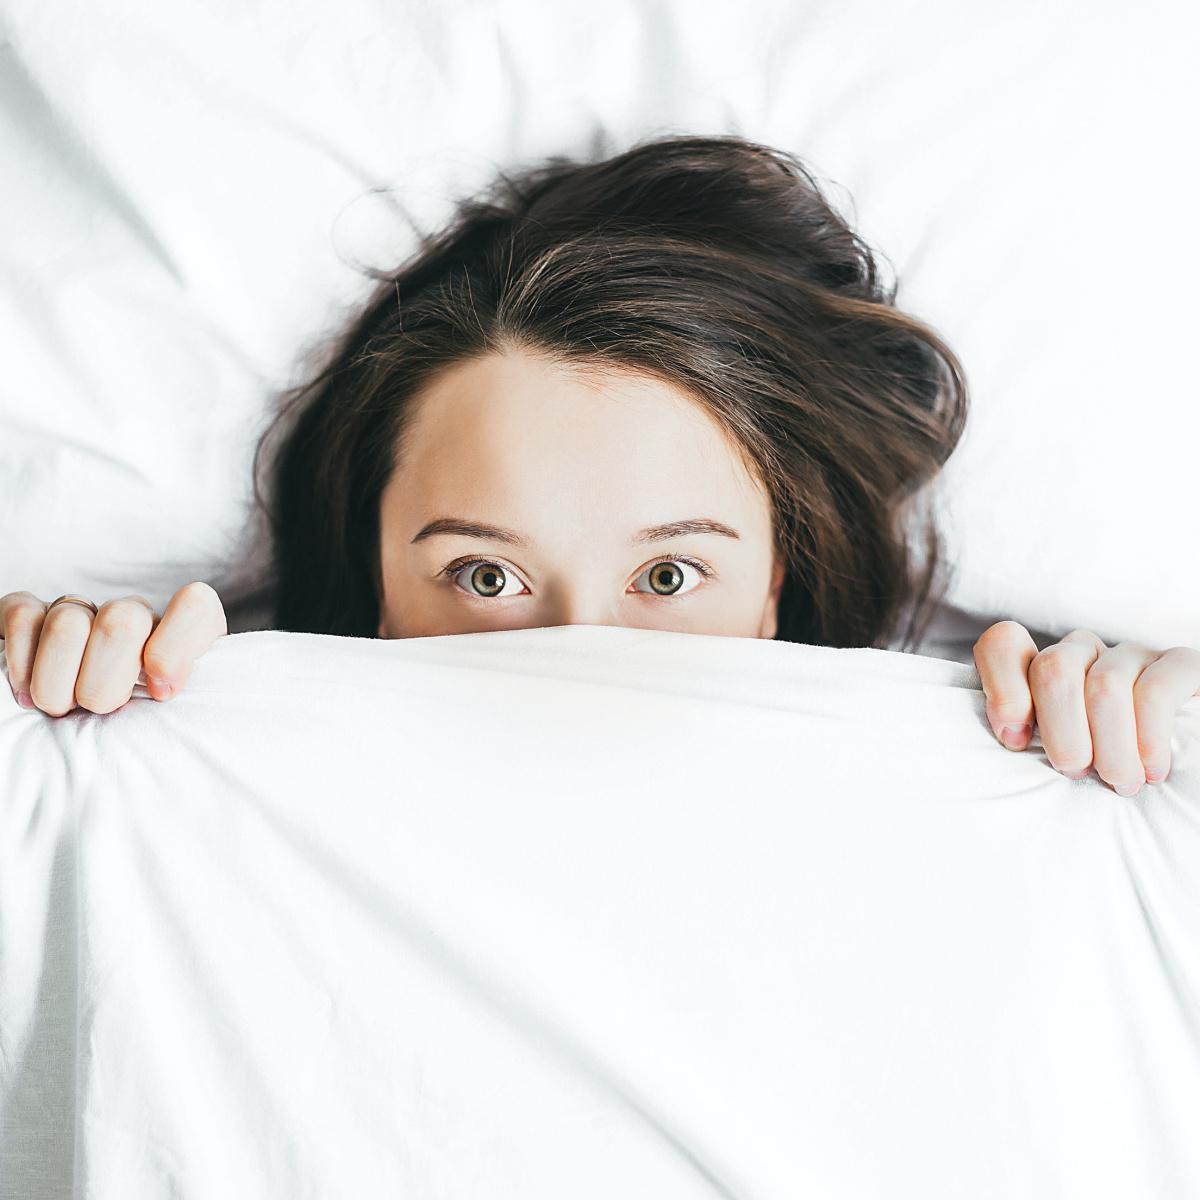 Hai difficoltà ad addormentarti?